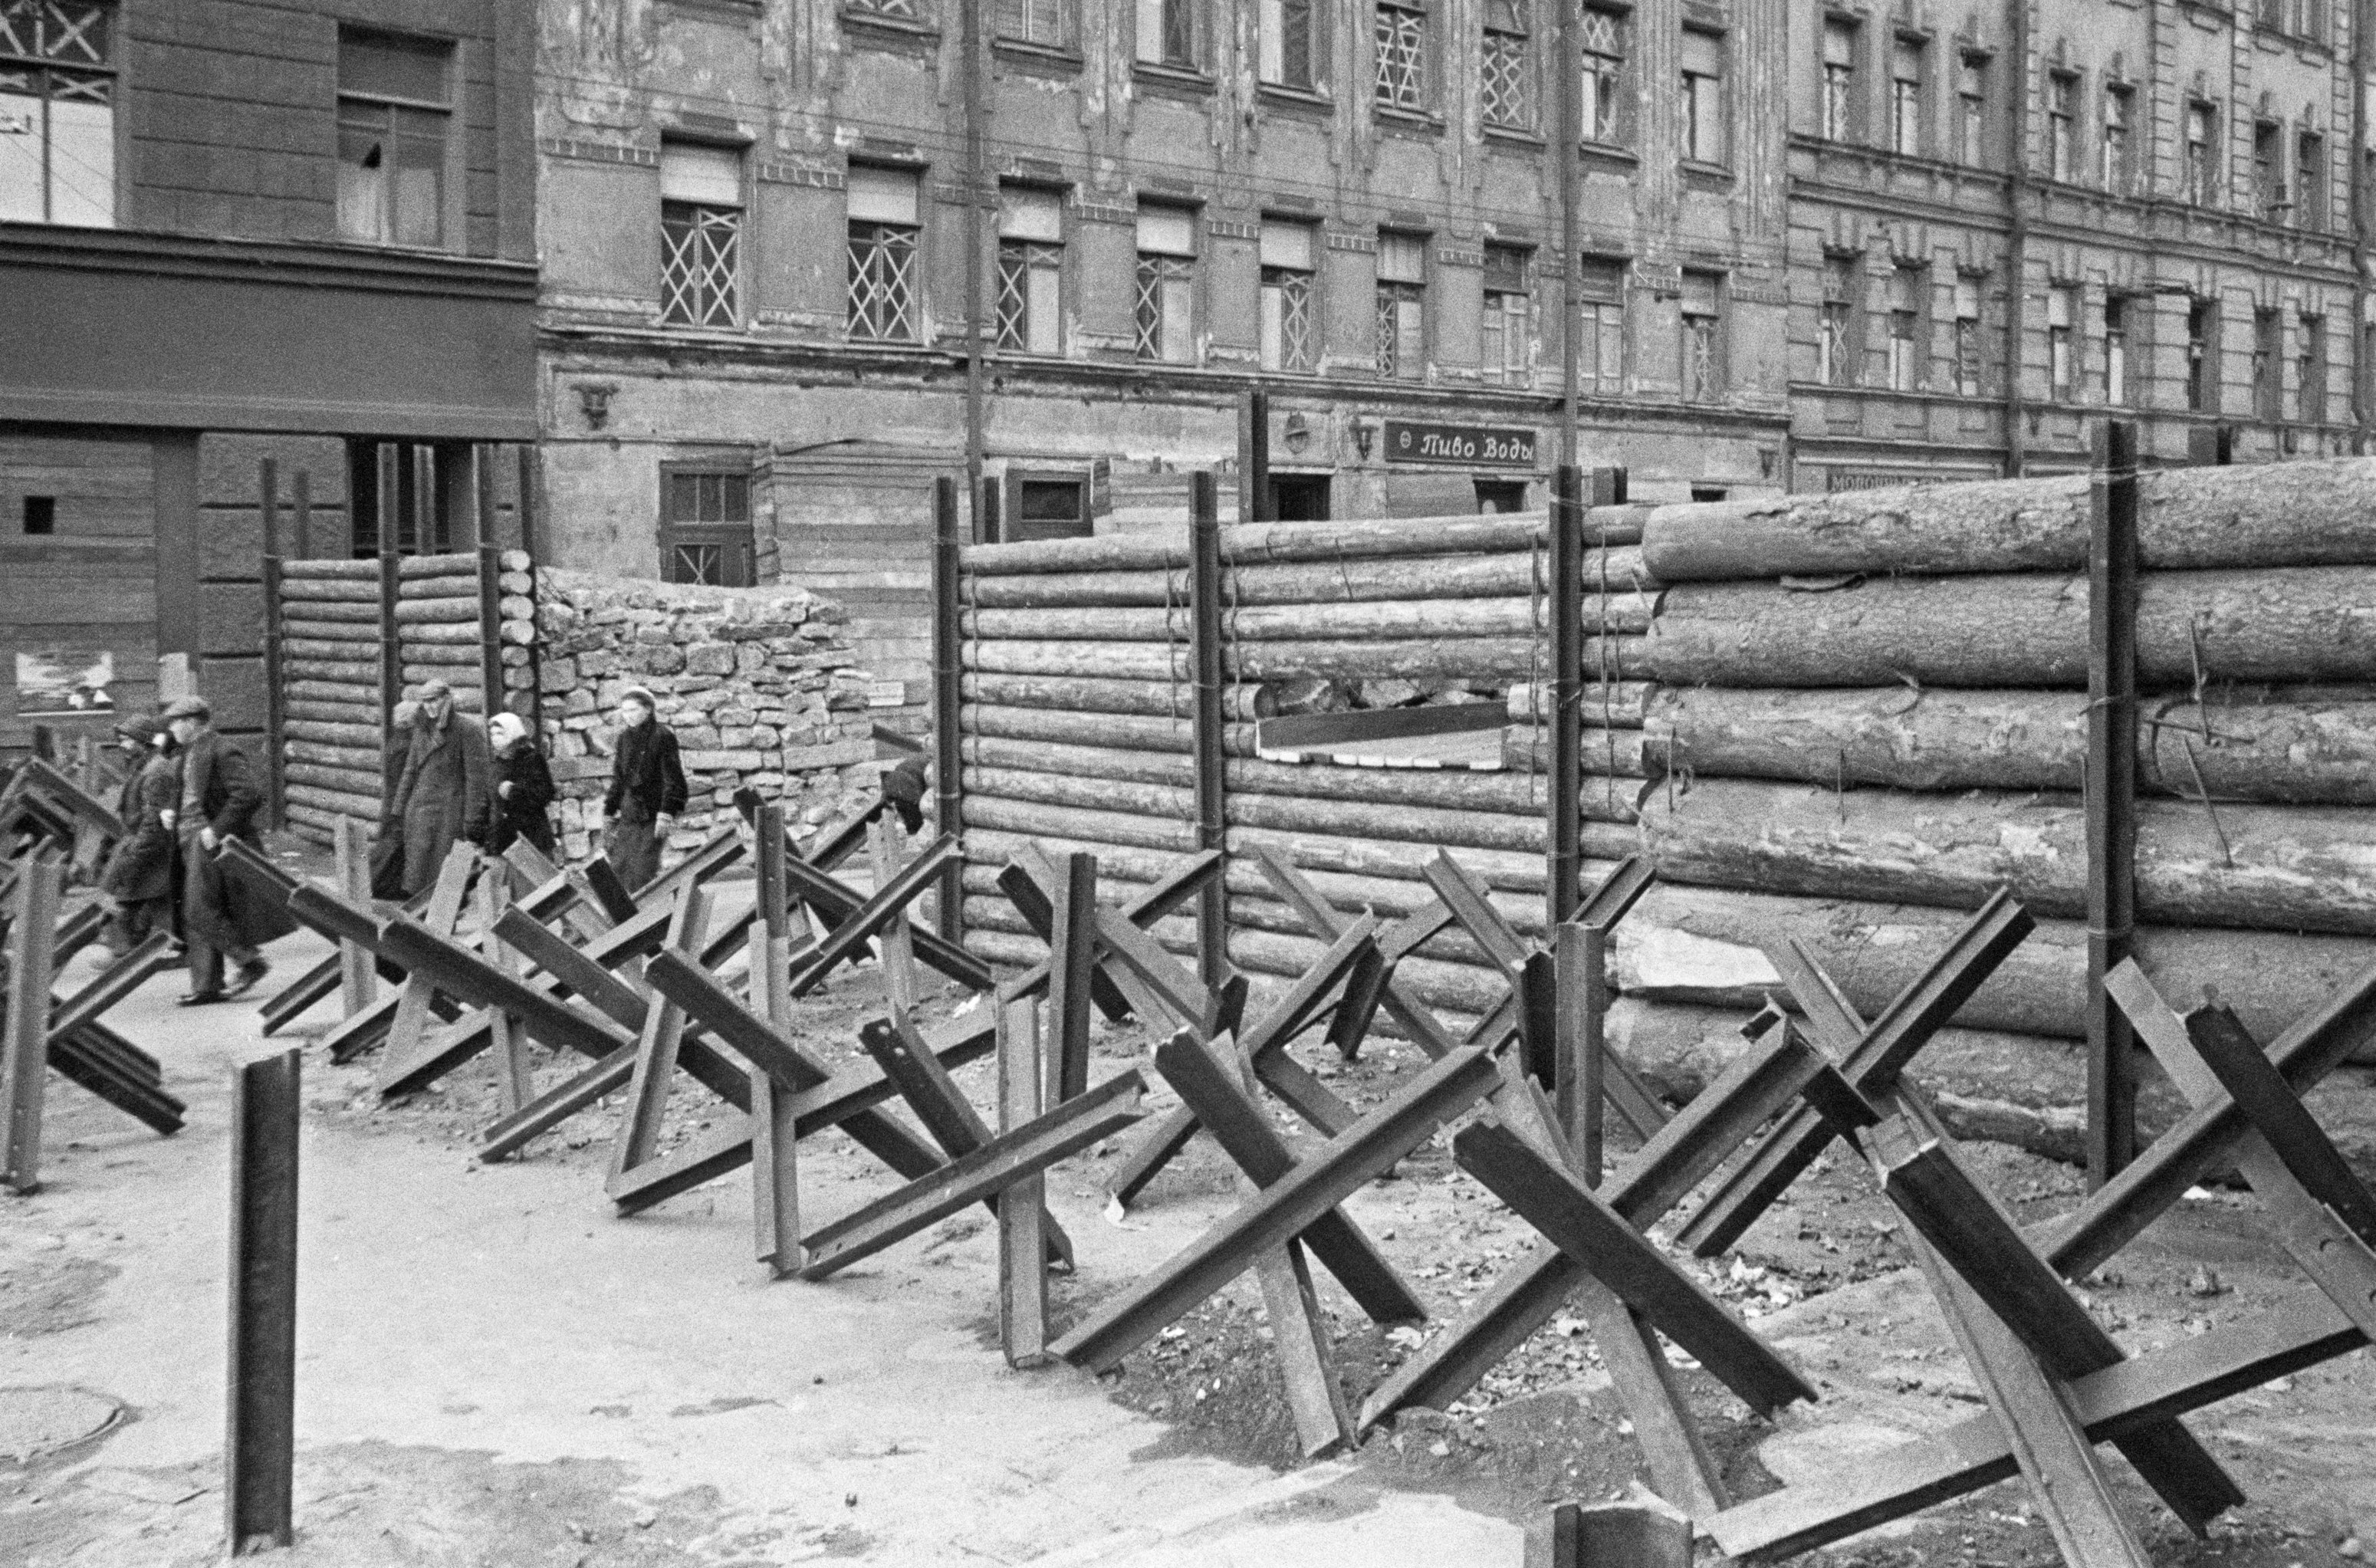 El bloqueo duró 872 días, desde el 8 de septiembre de 1941 hasta el 27 de enero de 1944